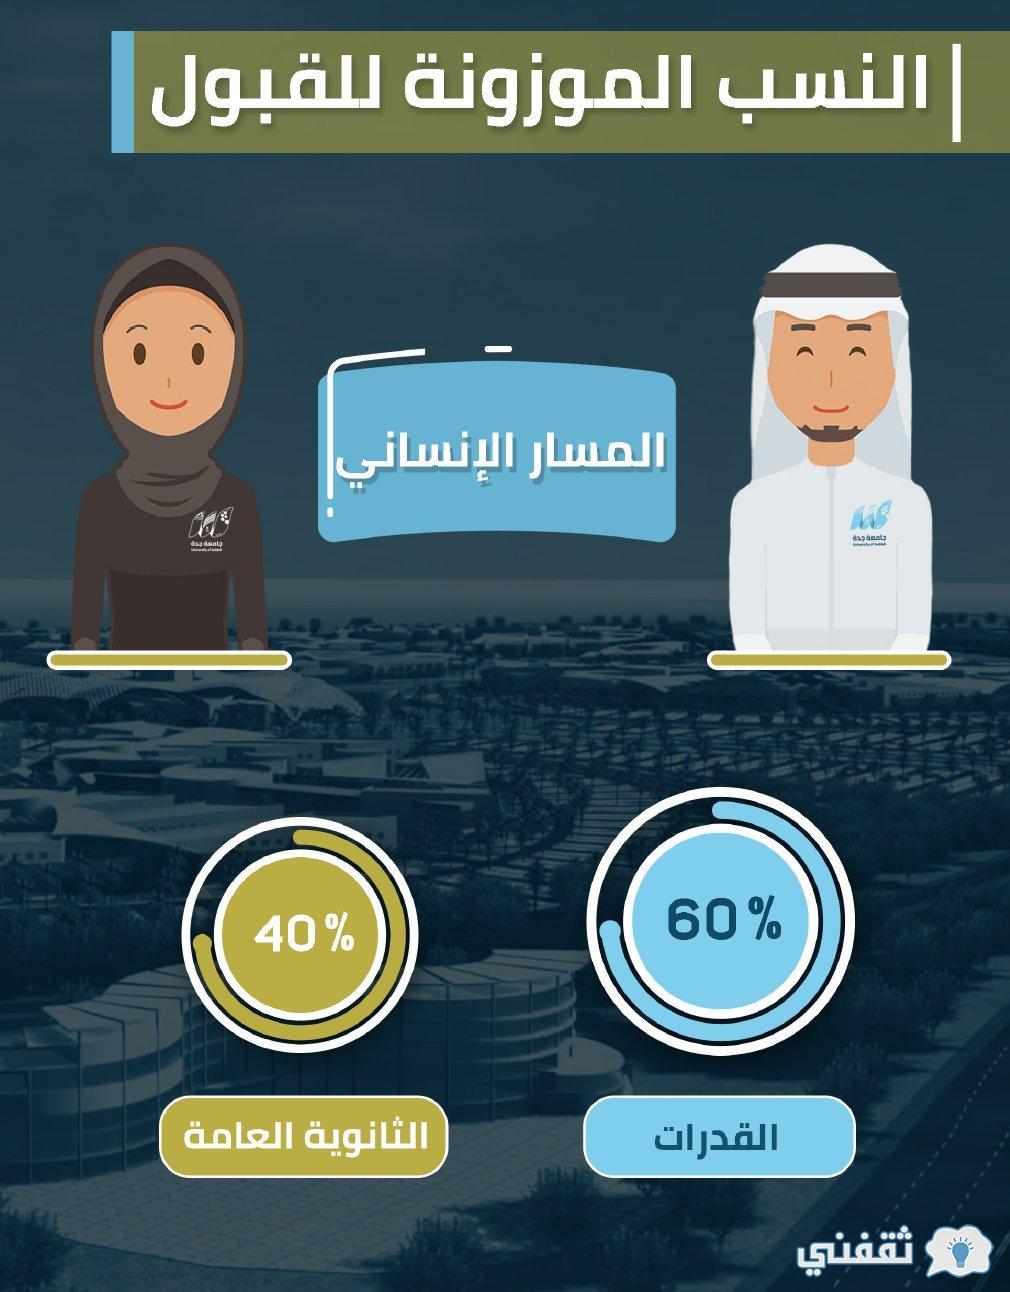 Portal de admisión de la Universidad de Jeddah adm.uj.edu.sa a través del portal de acceso nacional del Decanato de Admisión y Registro